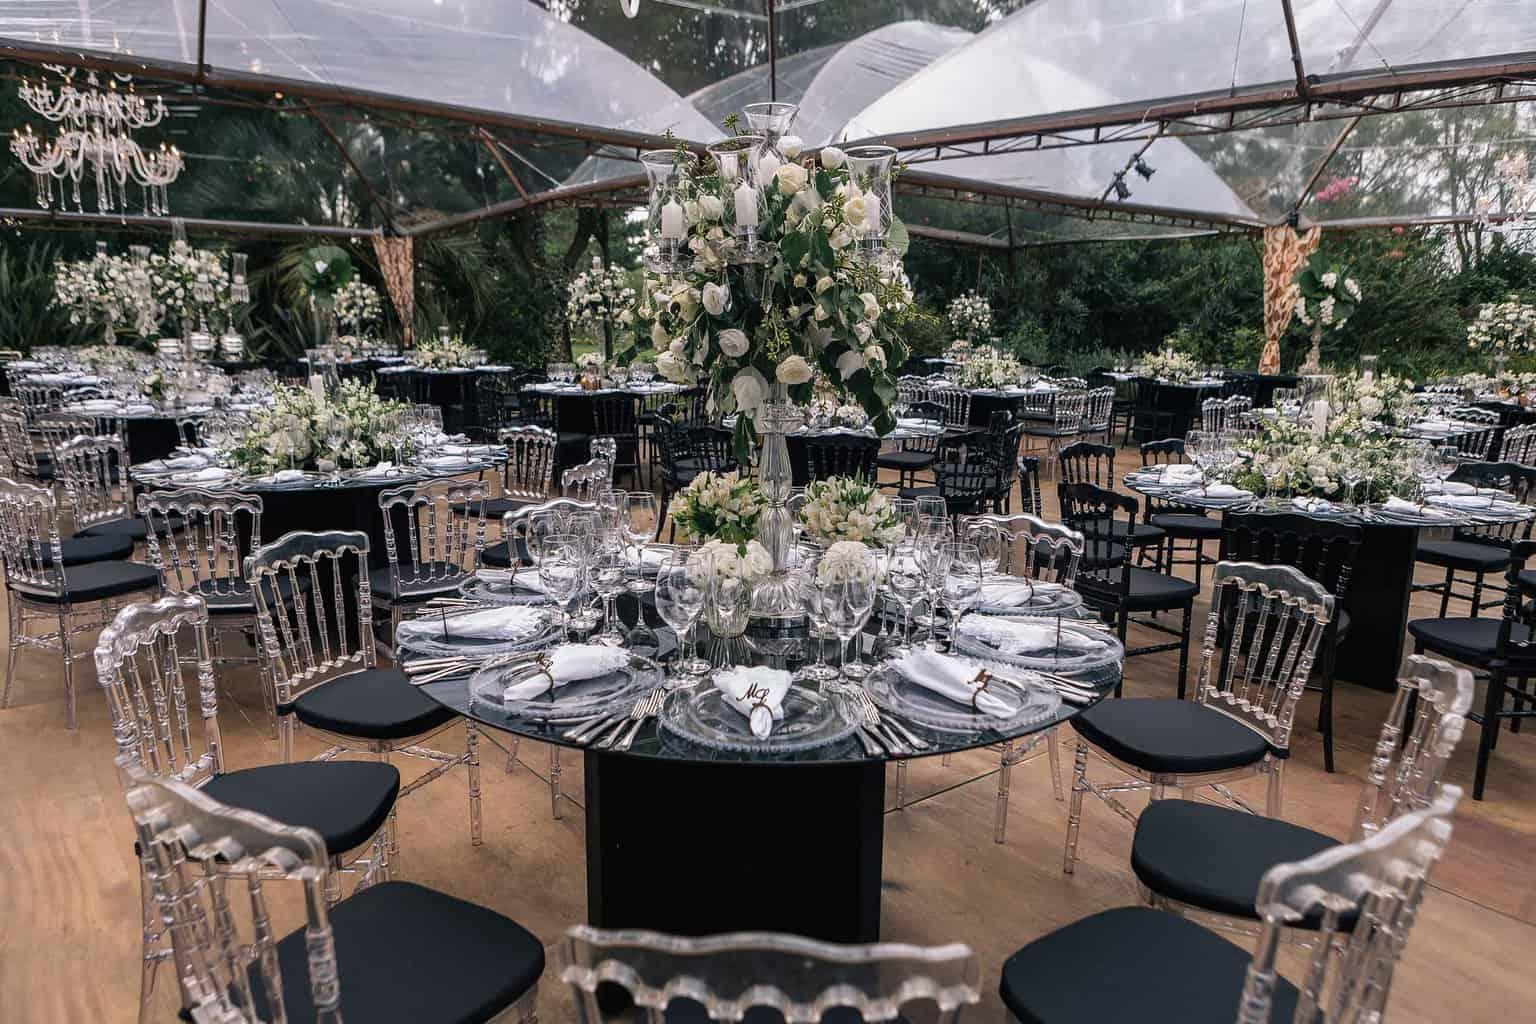 bolo-de-casamento-casamento-Marcela-e-Luciano-decoracao-da-festa2